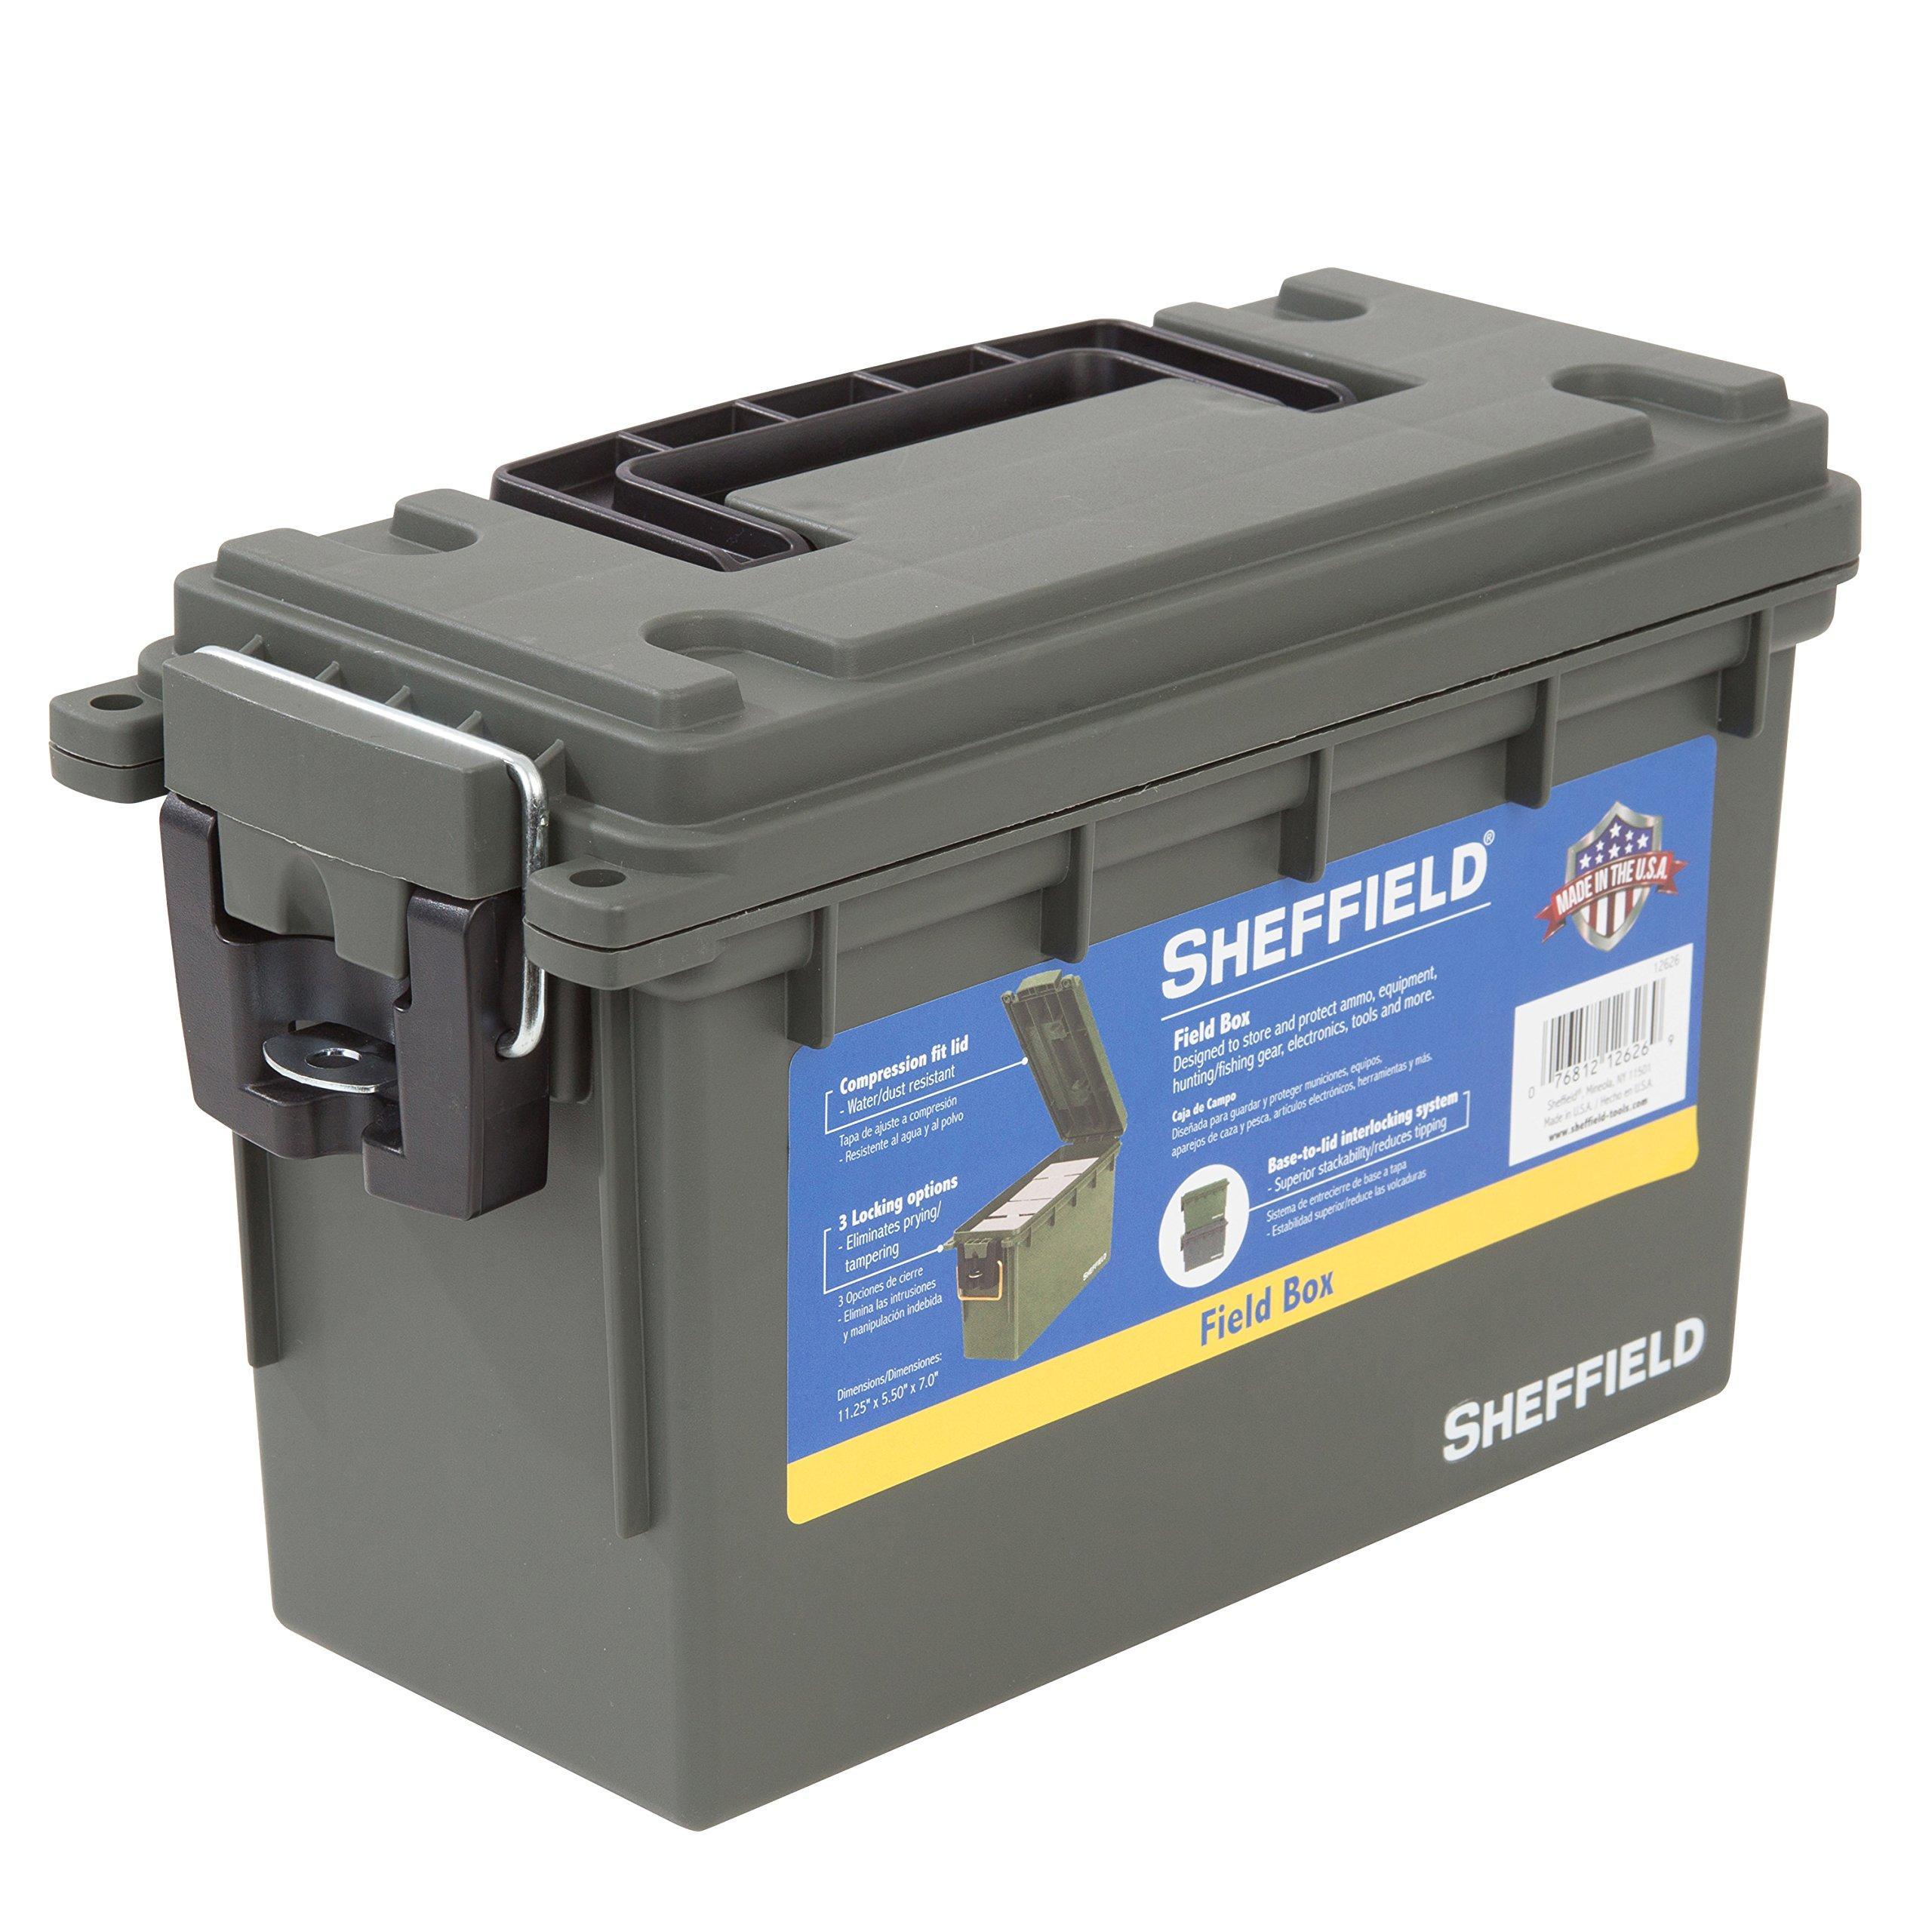 Sheffield 12626 Field Box- Olive Drab Green